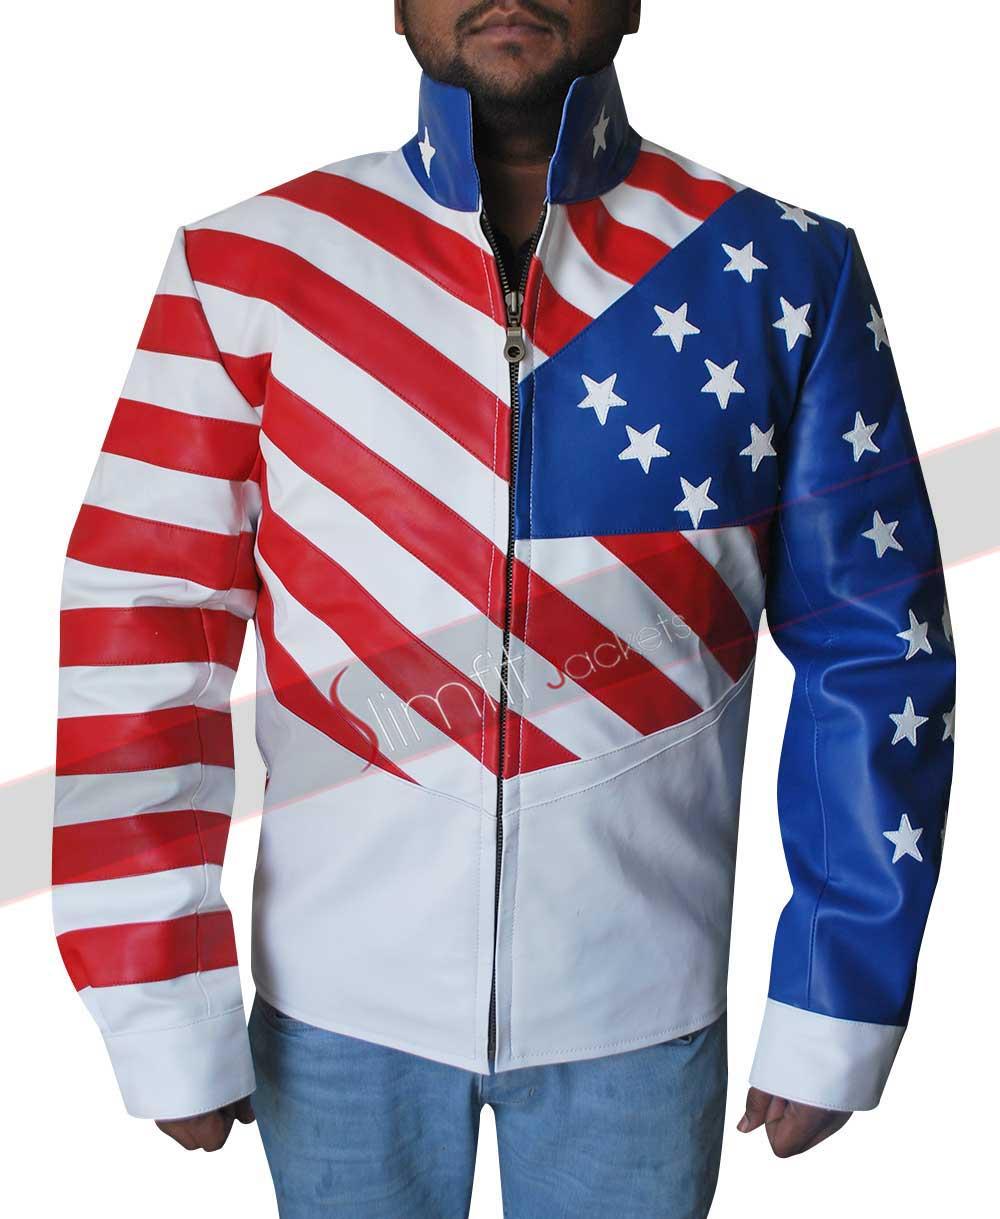 British Union Jack Flag Leather Jacket